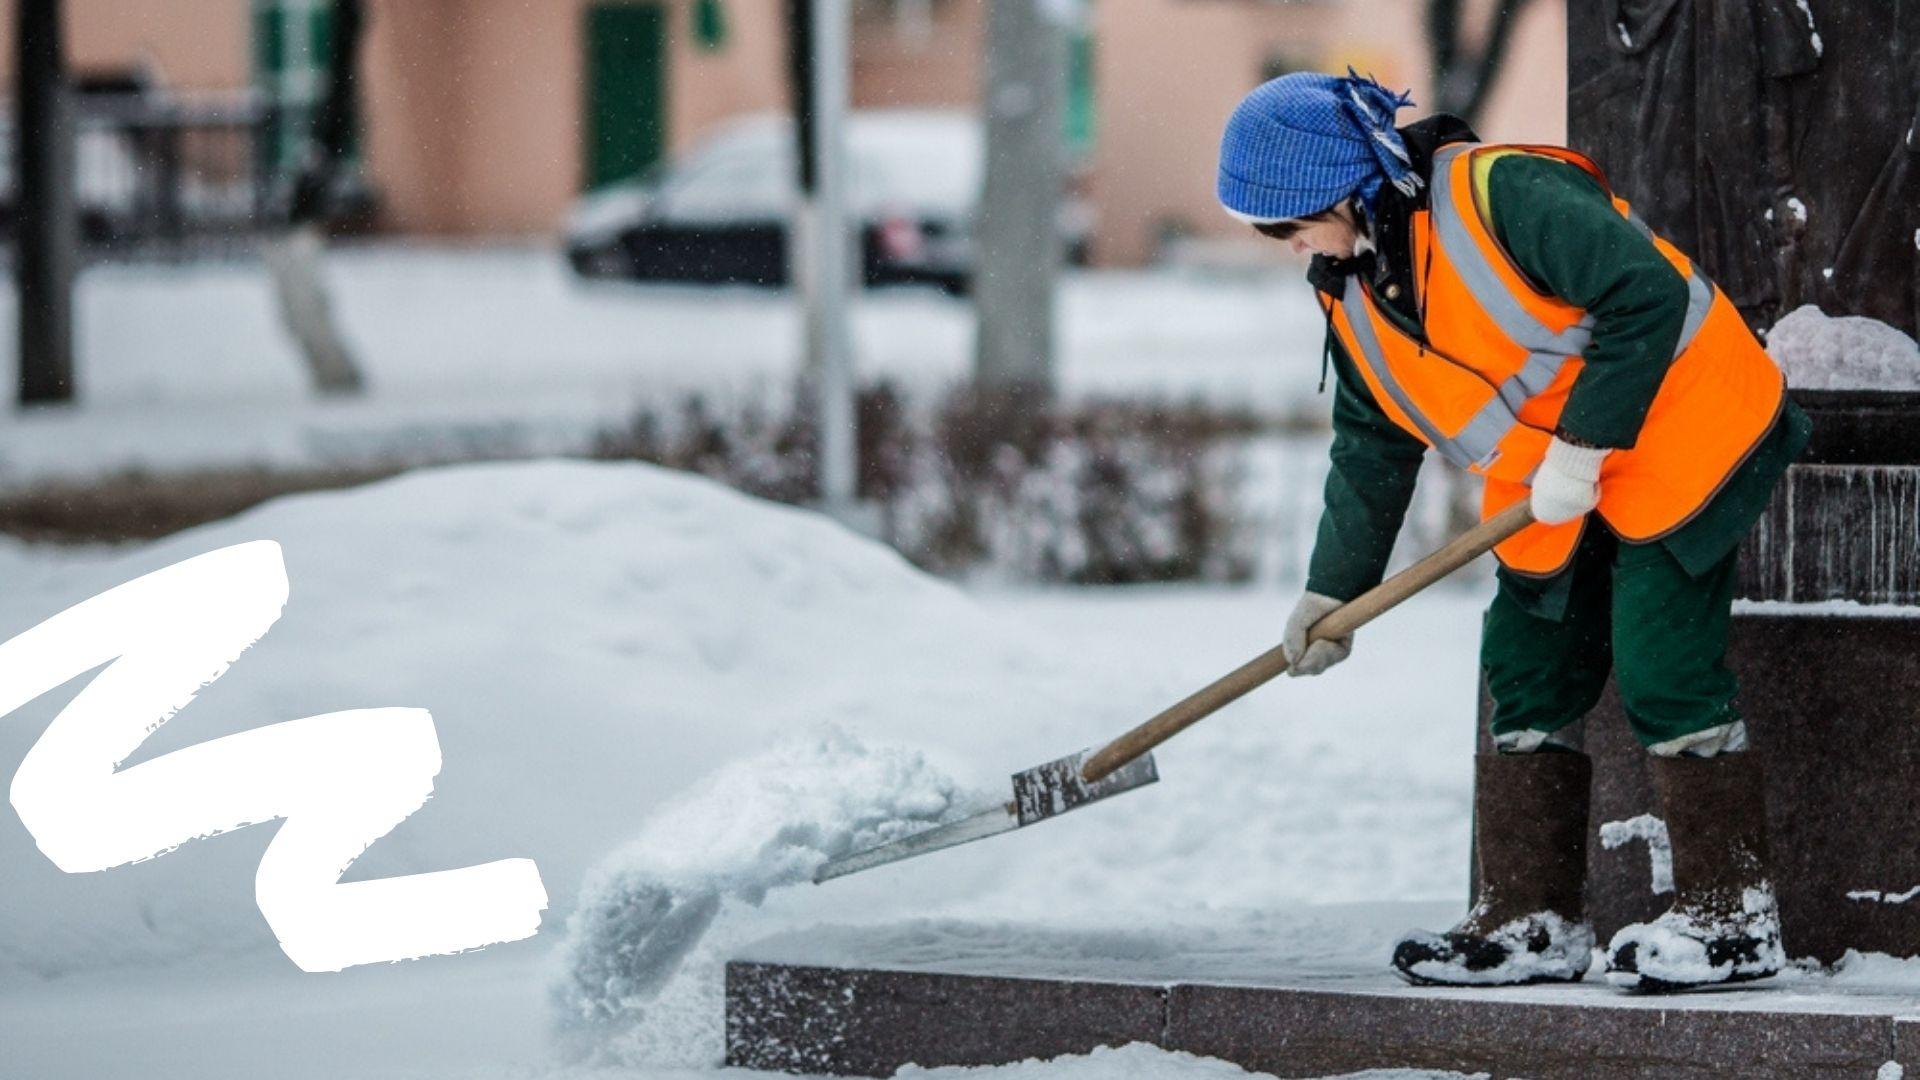 Зарплат дворников. Сравнение оплаты труда в разных городах России